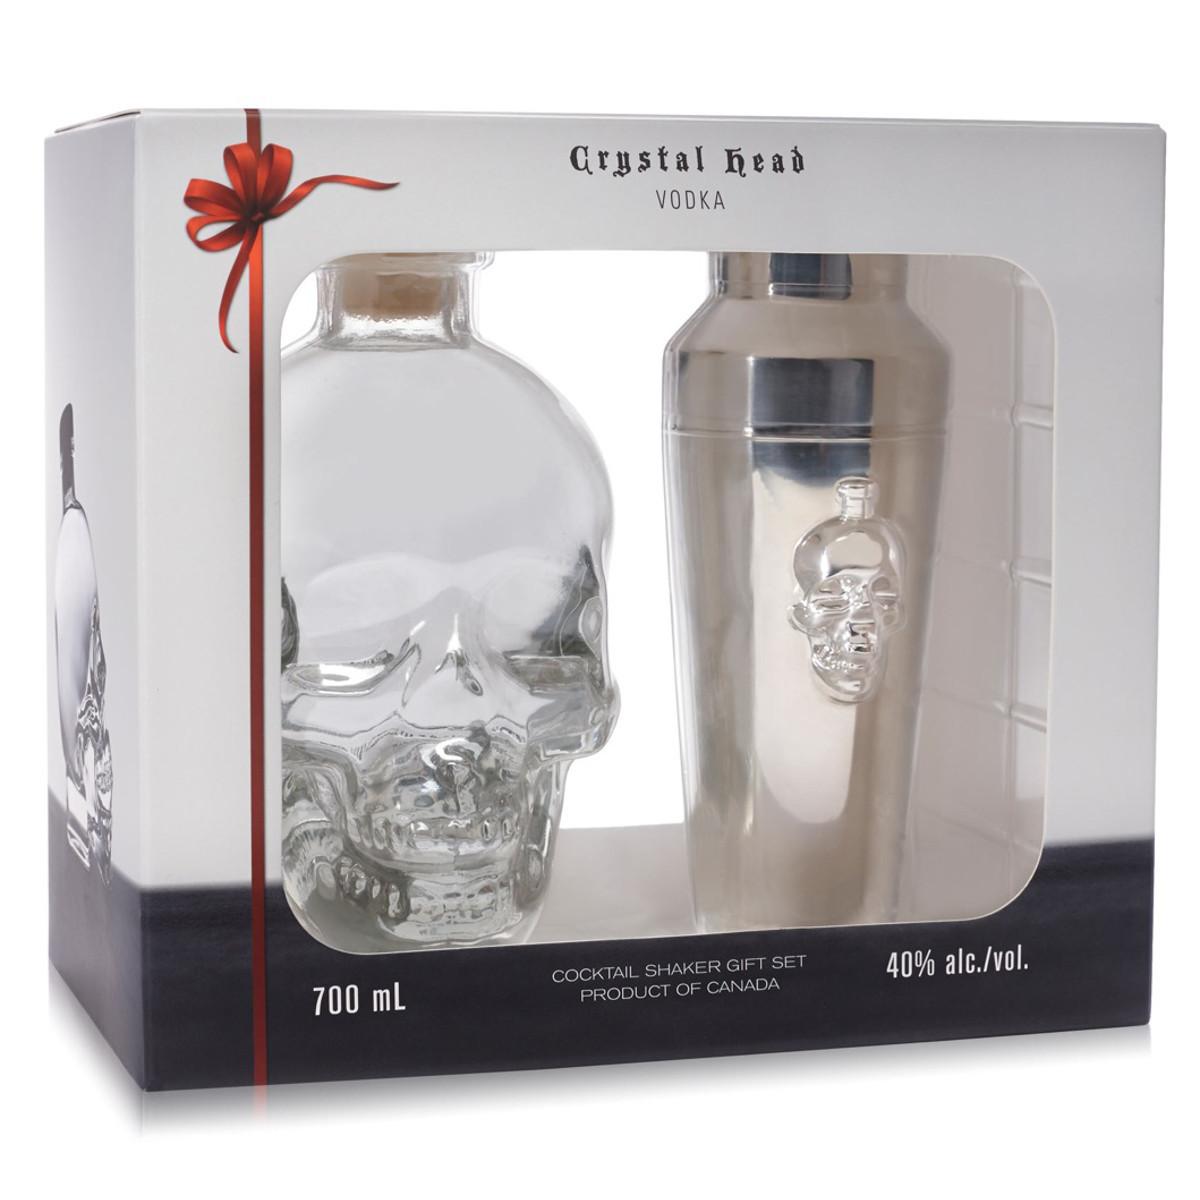 Crystal Head Vodka – Geschenkset mit Cocktail-Shaker